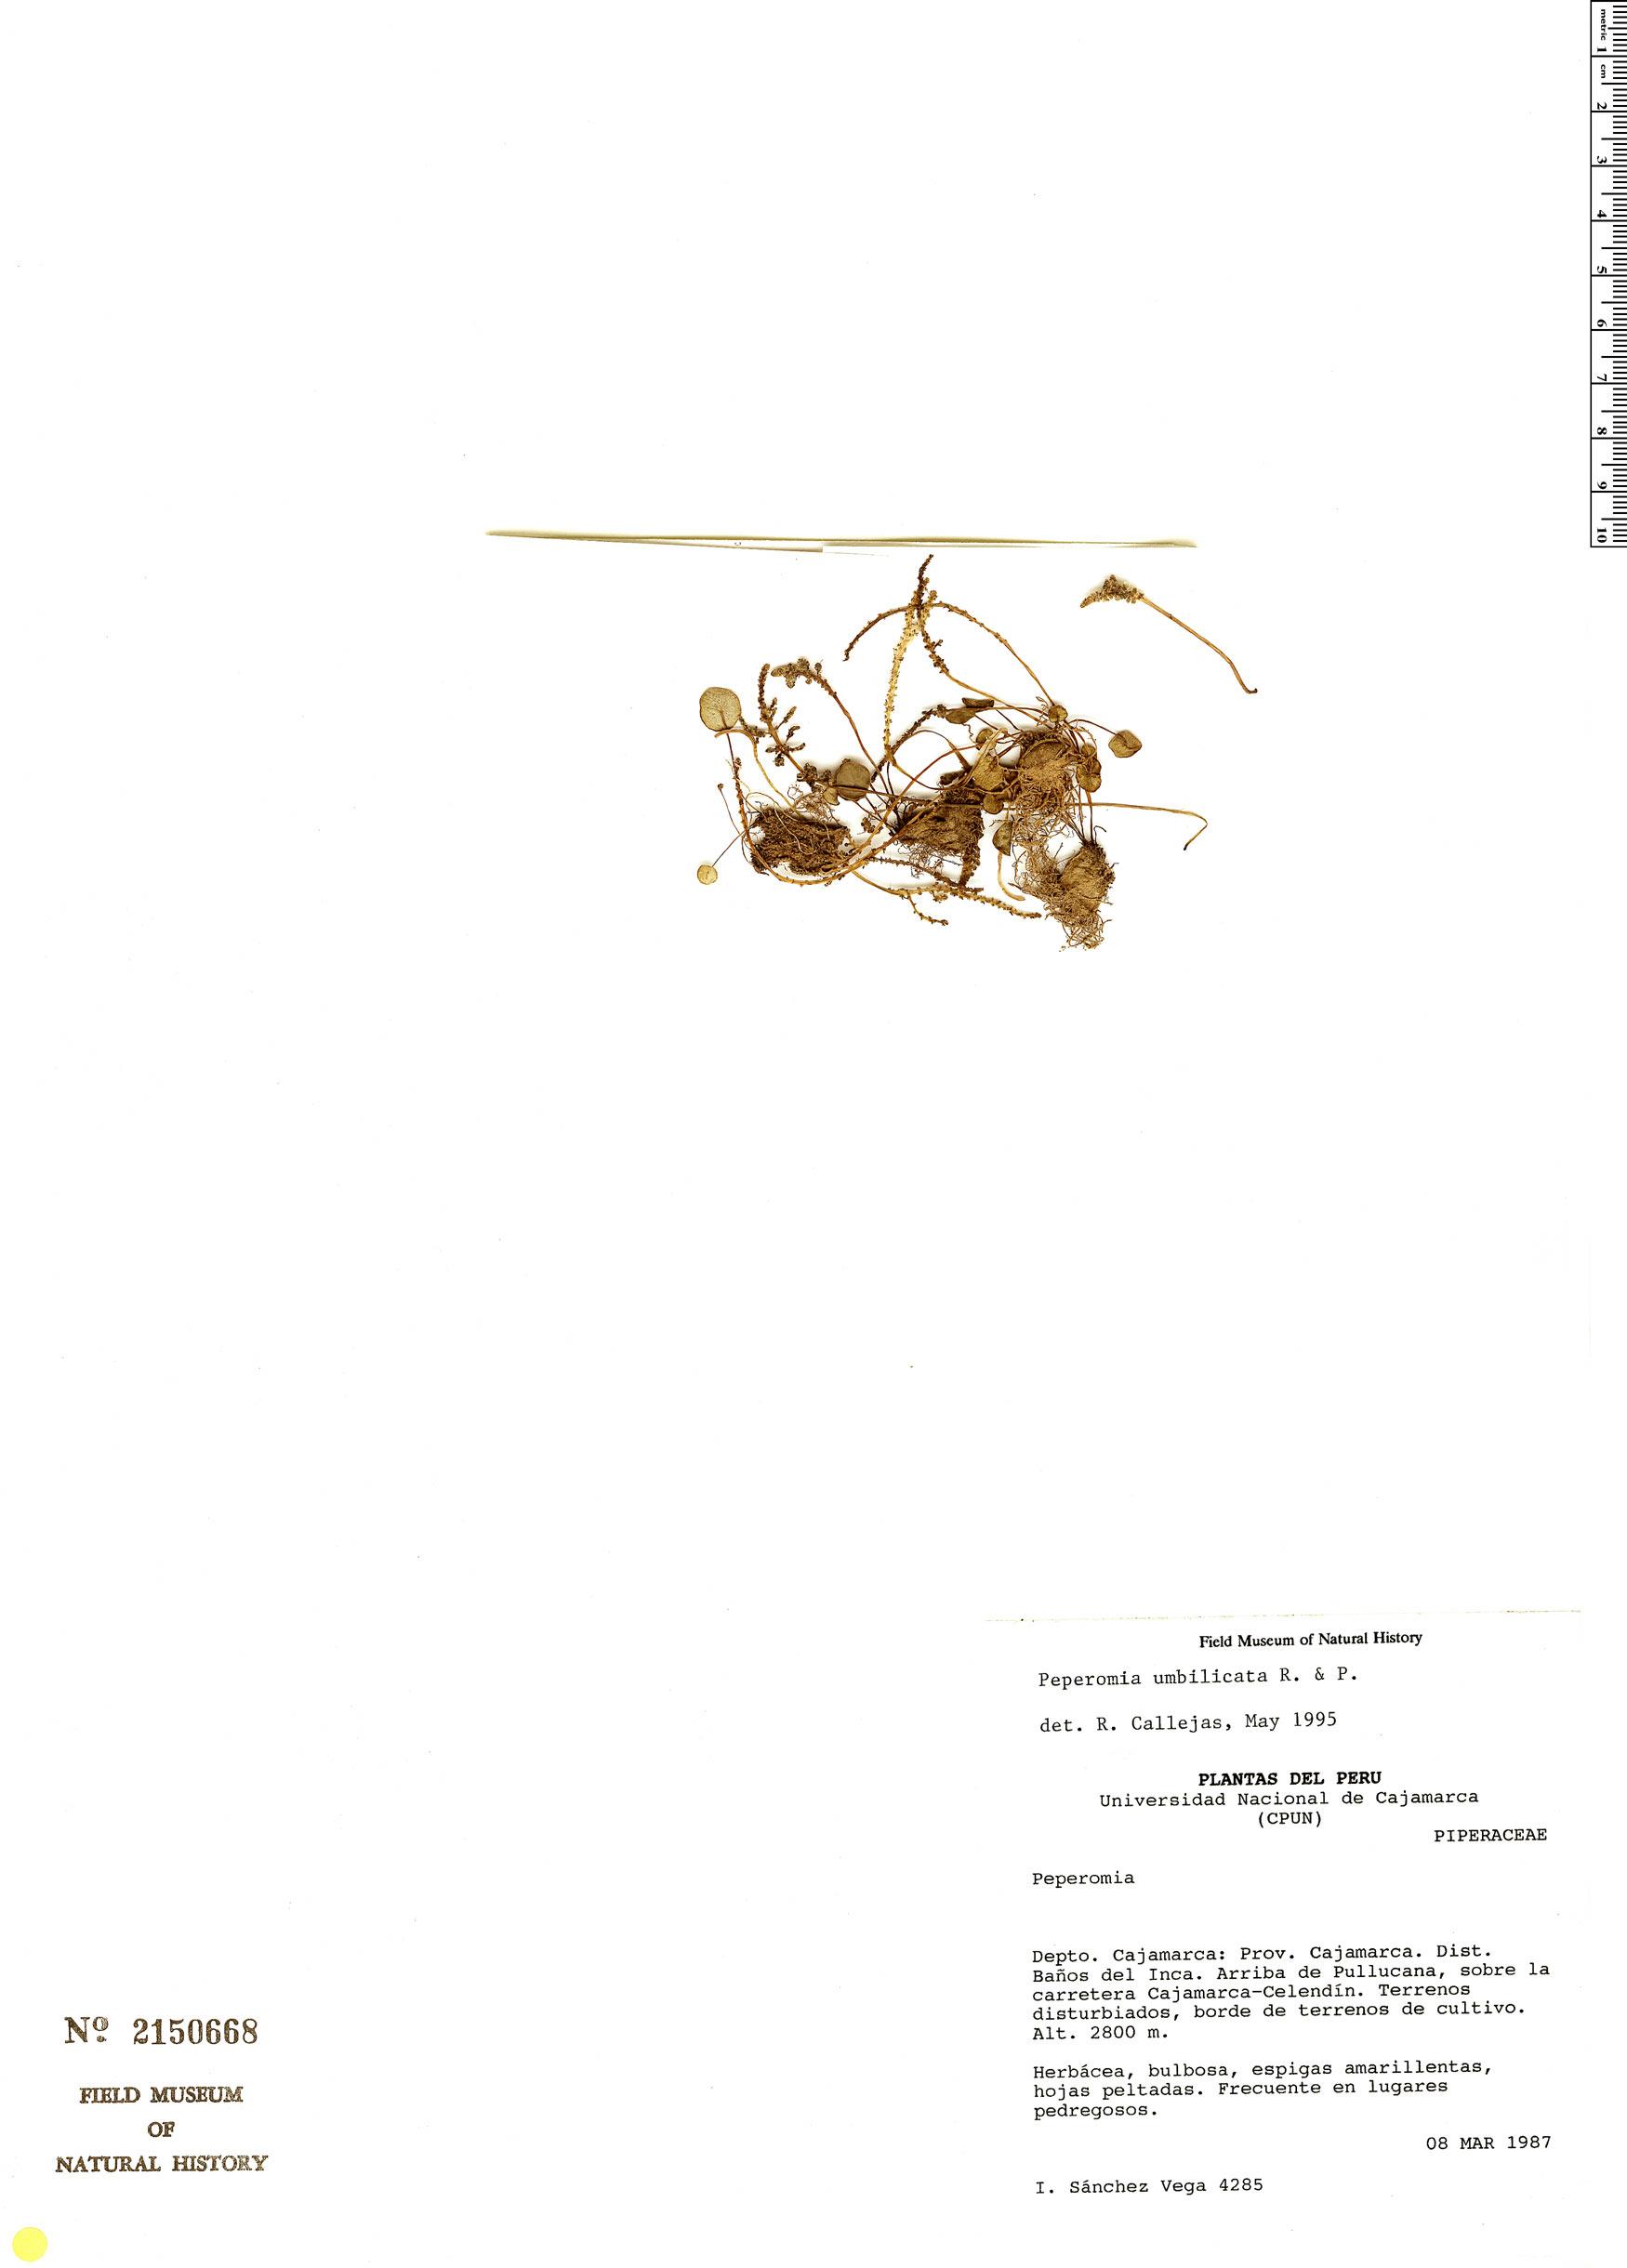 Peperomia umbilicata image